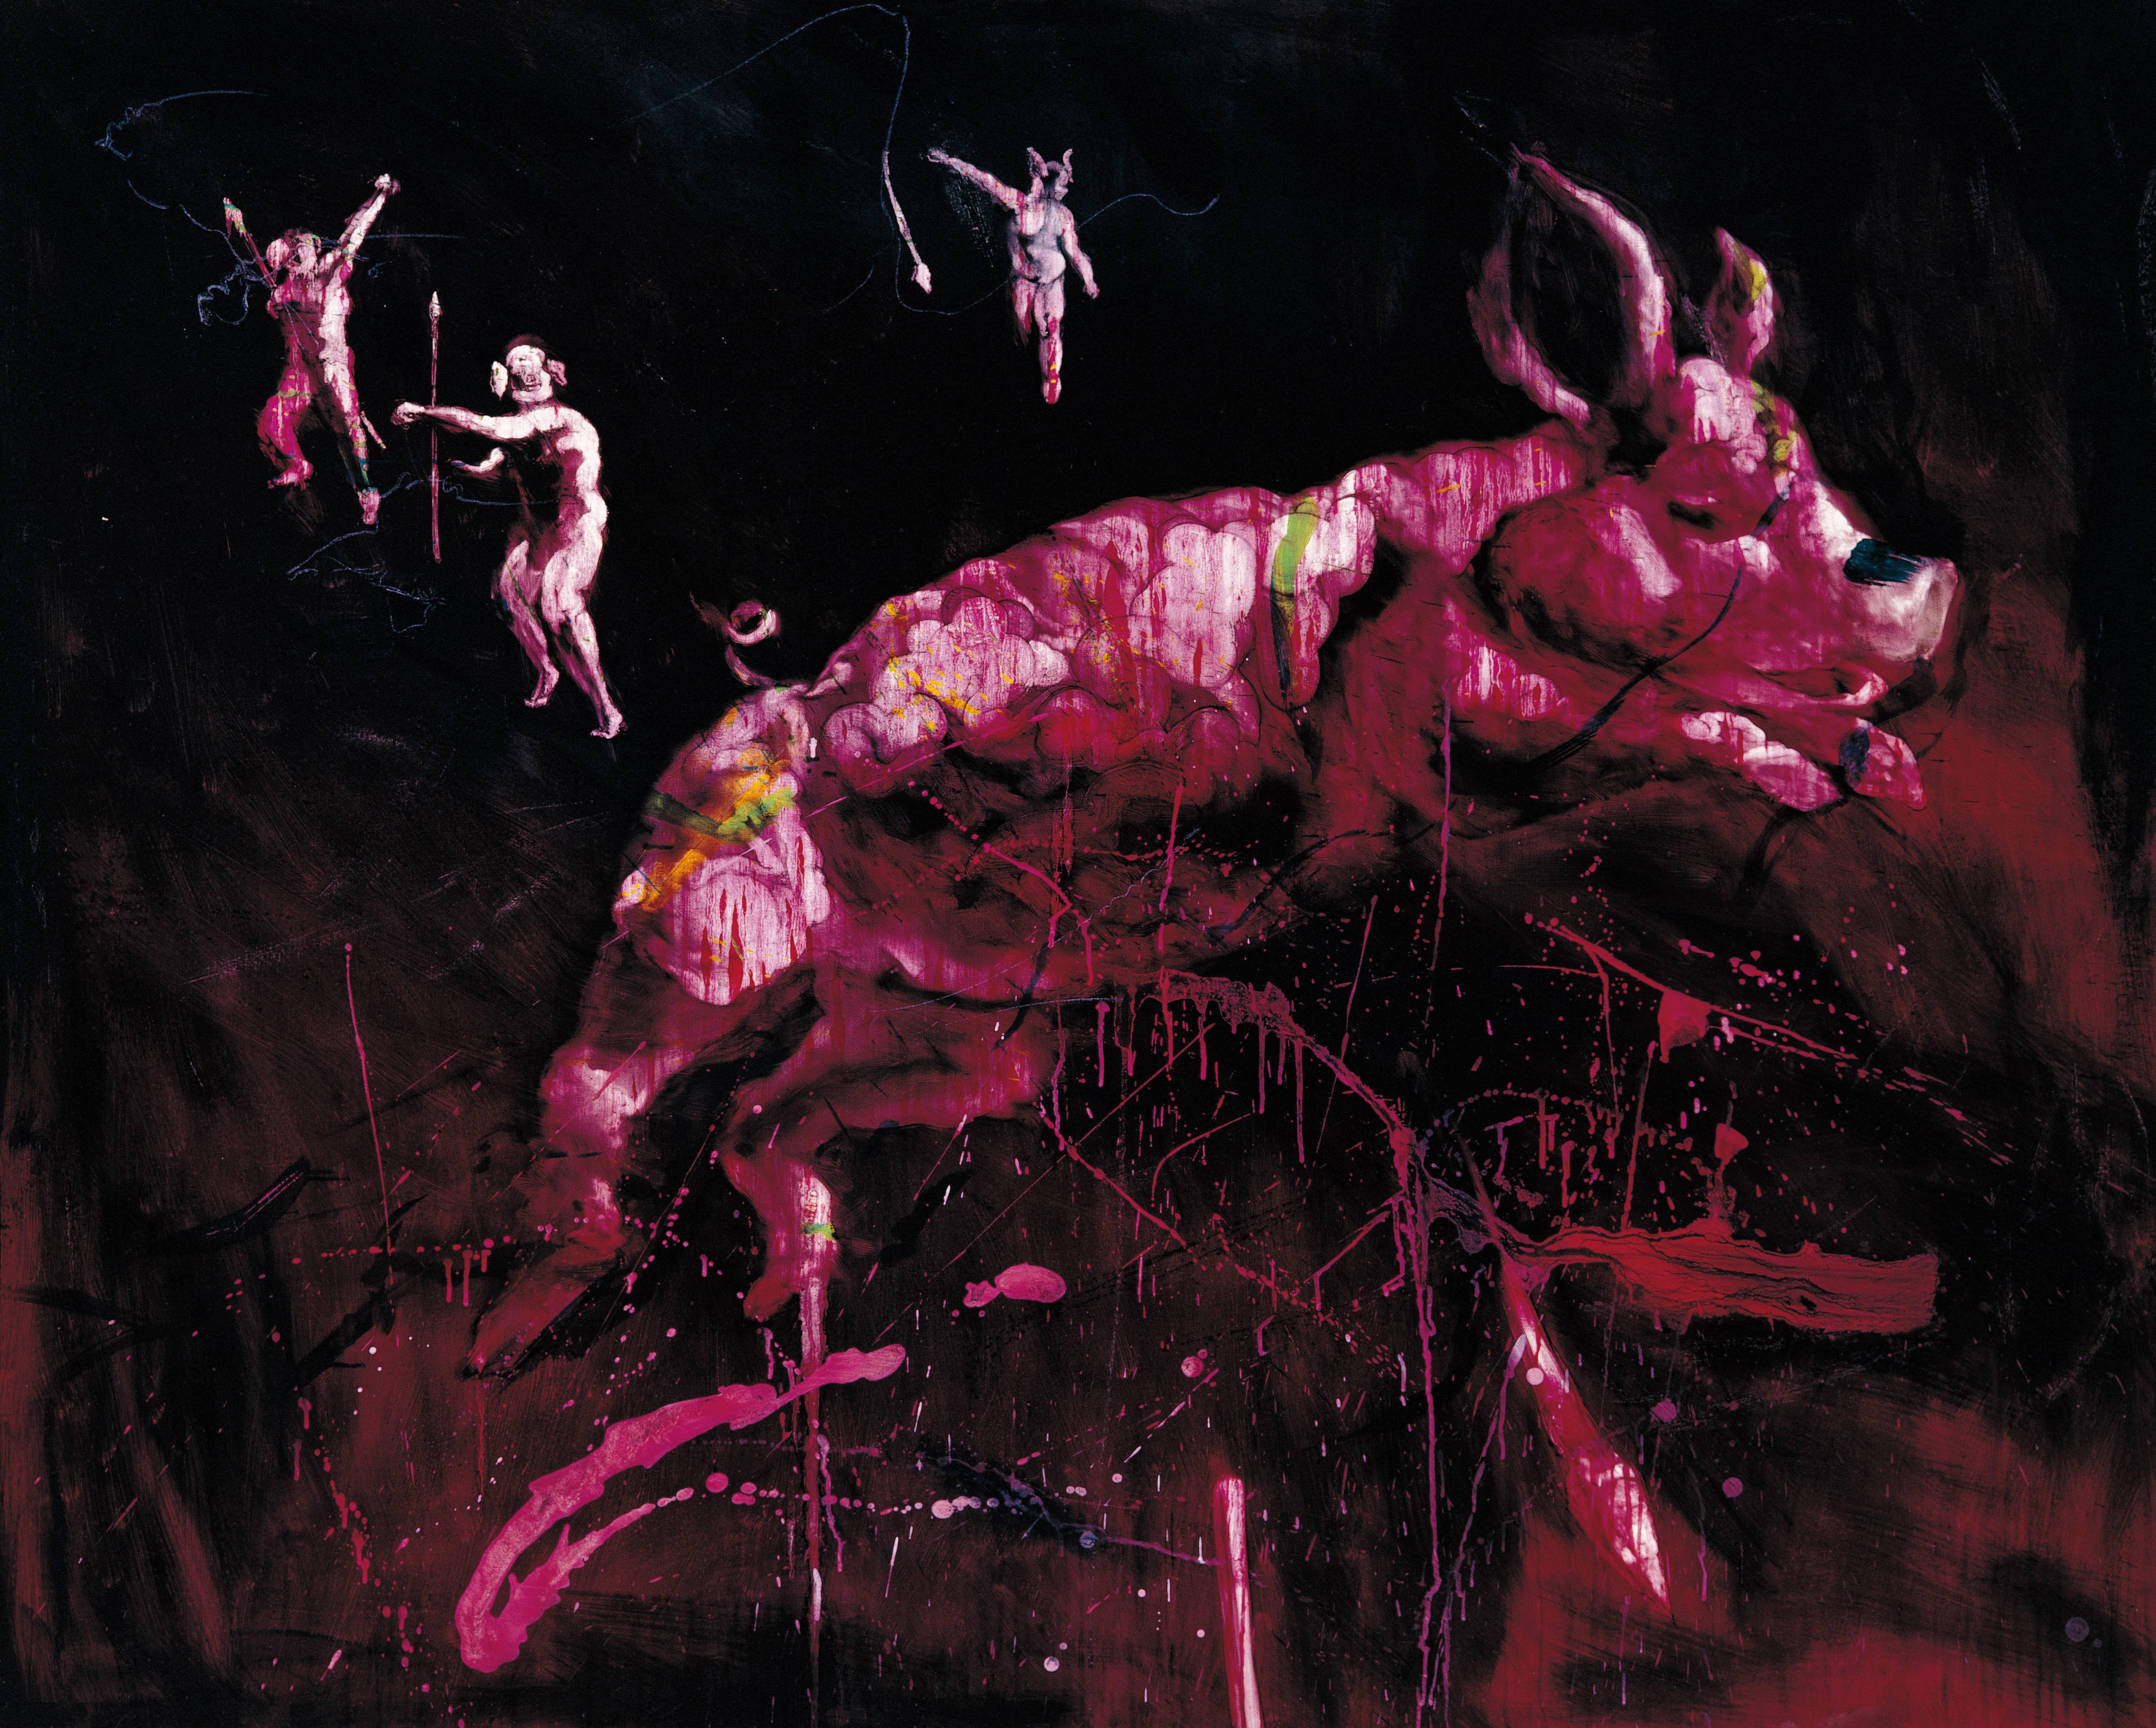 常陵|五花肉系列-肉都市-豬鼻族狩獵|2008|油彩|130x162cm